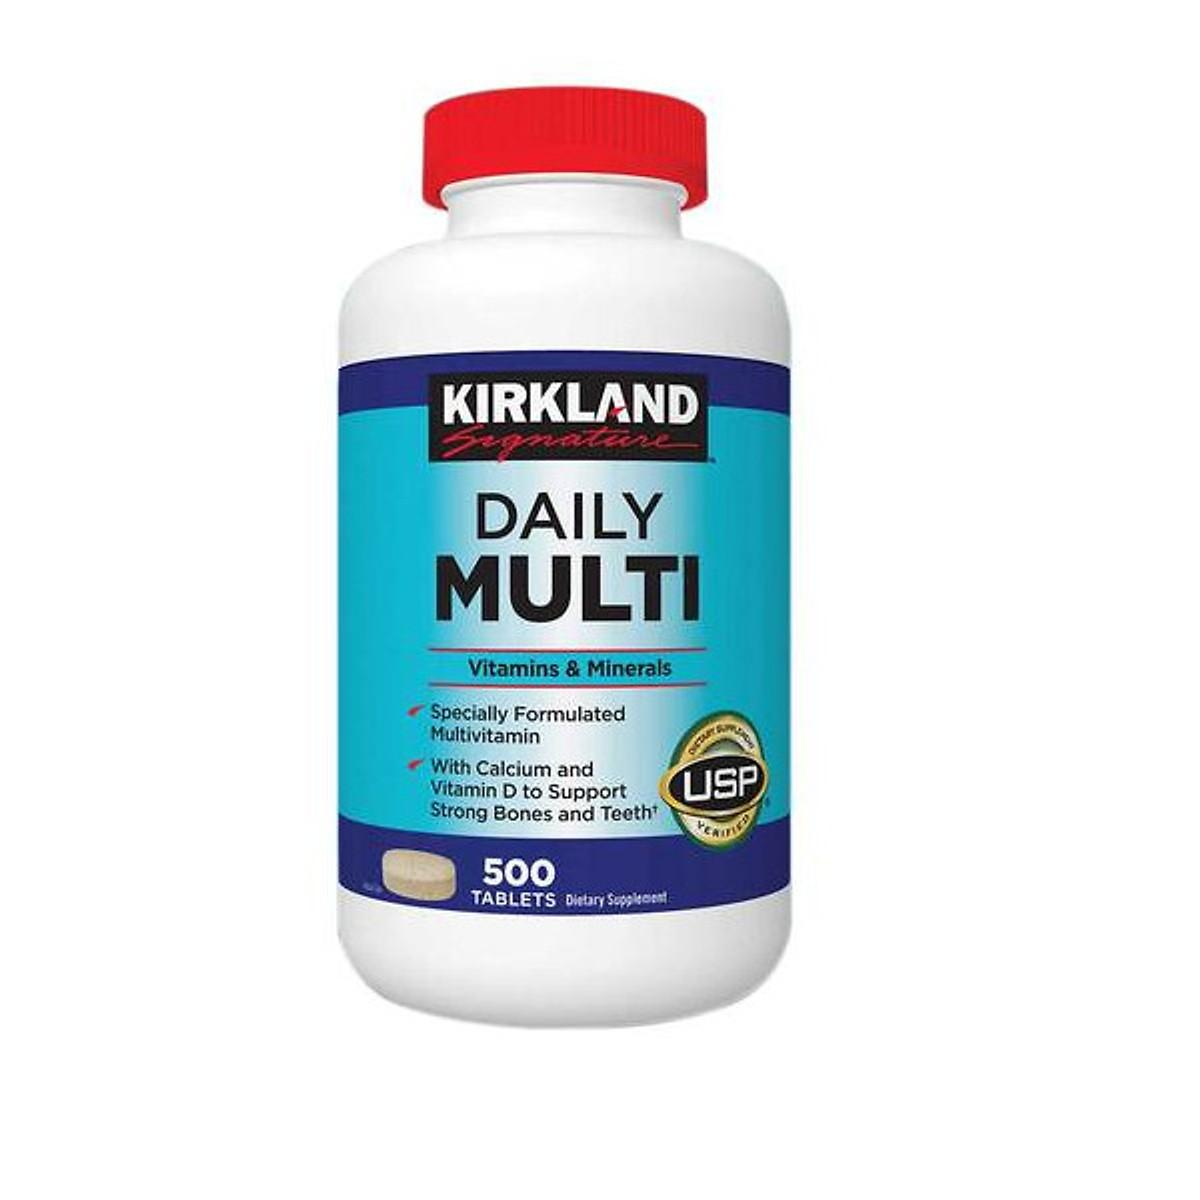 Thưc phẩm bổ sung Vitamins Tổng hợp Kirkland Daily Multi Vitamins (500 Viên) - Nhập khẩu Mỹ nhập khẩu